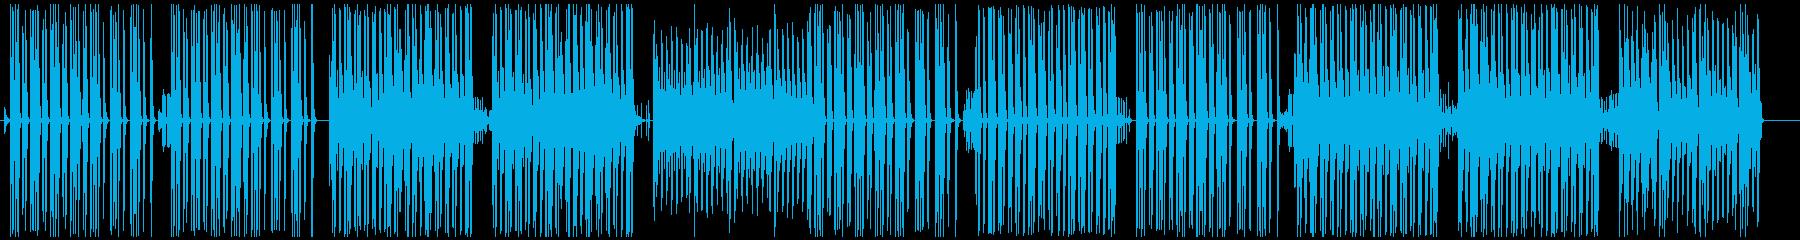 マリンバとリコーダーの可愛いお散歩ポップの再生済みの波形